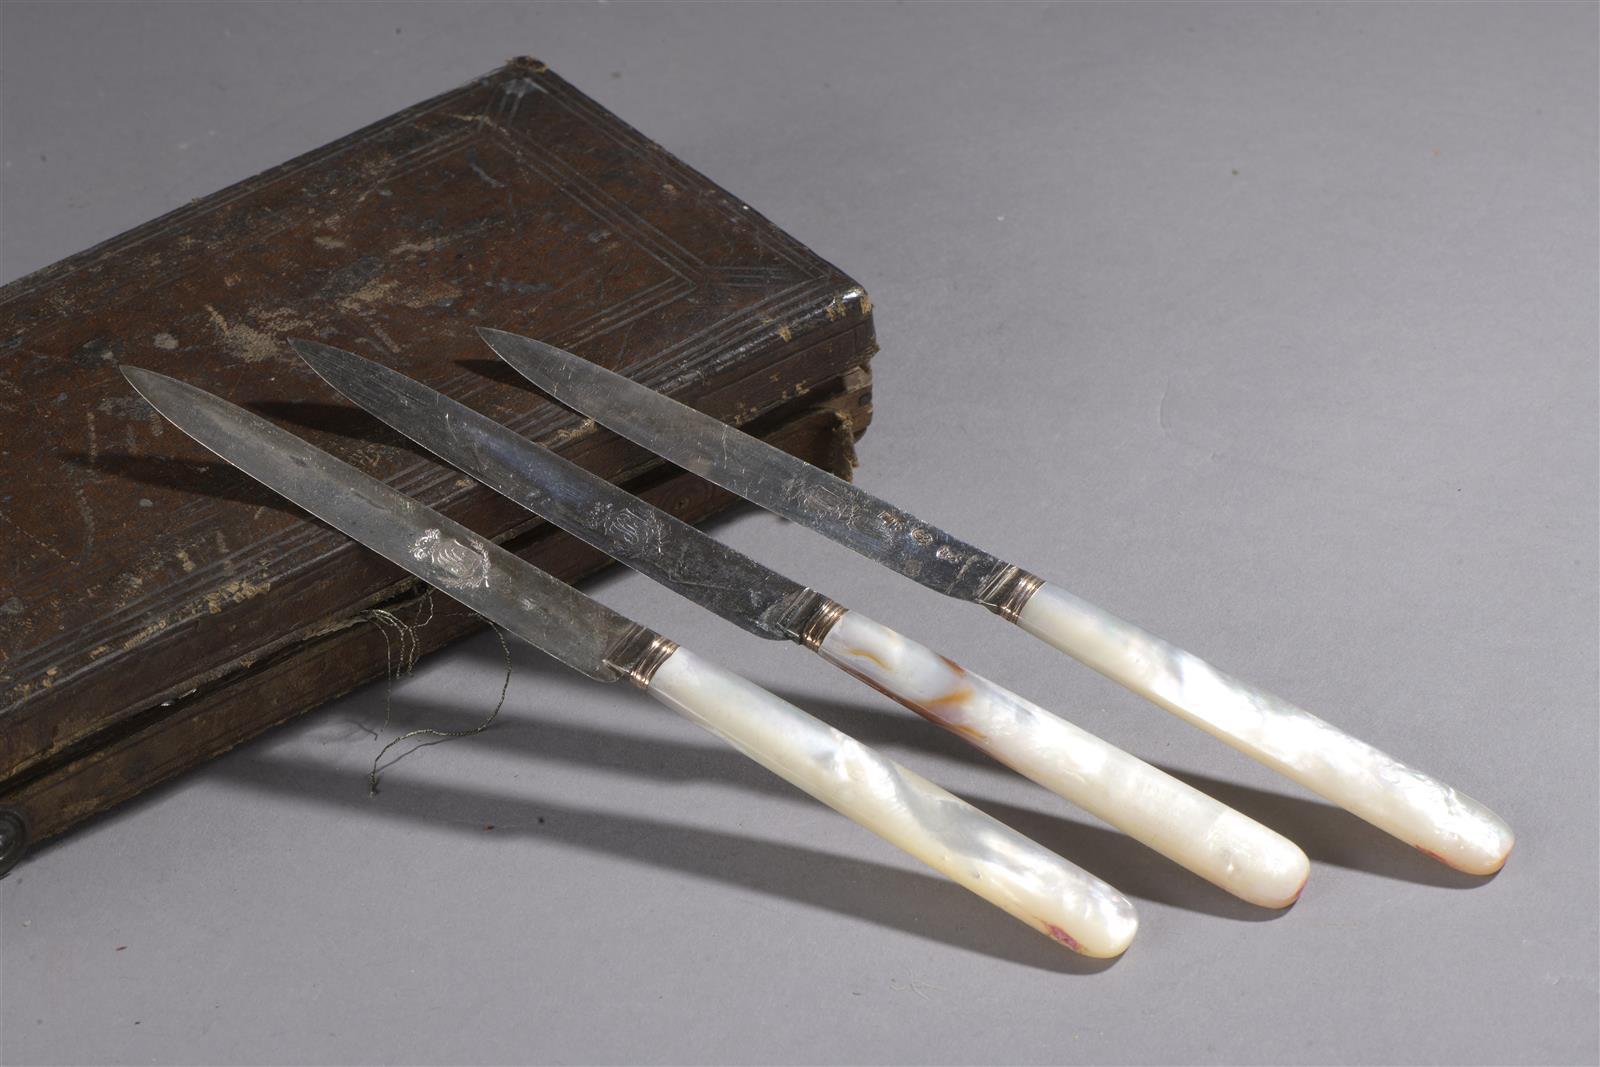 Lot 241 - Trois couteaux manche en nacre, lame en argent chiffrée, XVIIIe siècle et époque [...]